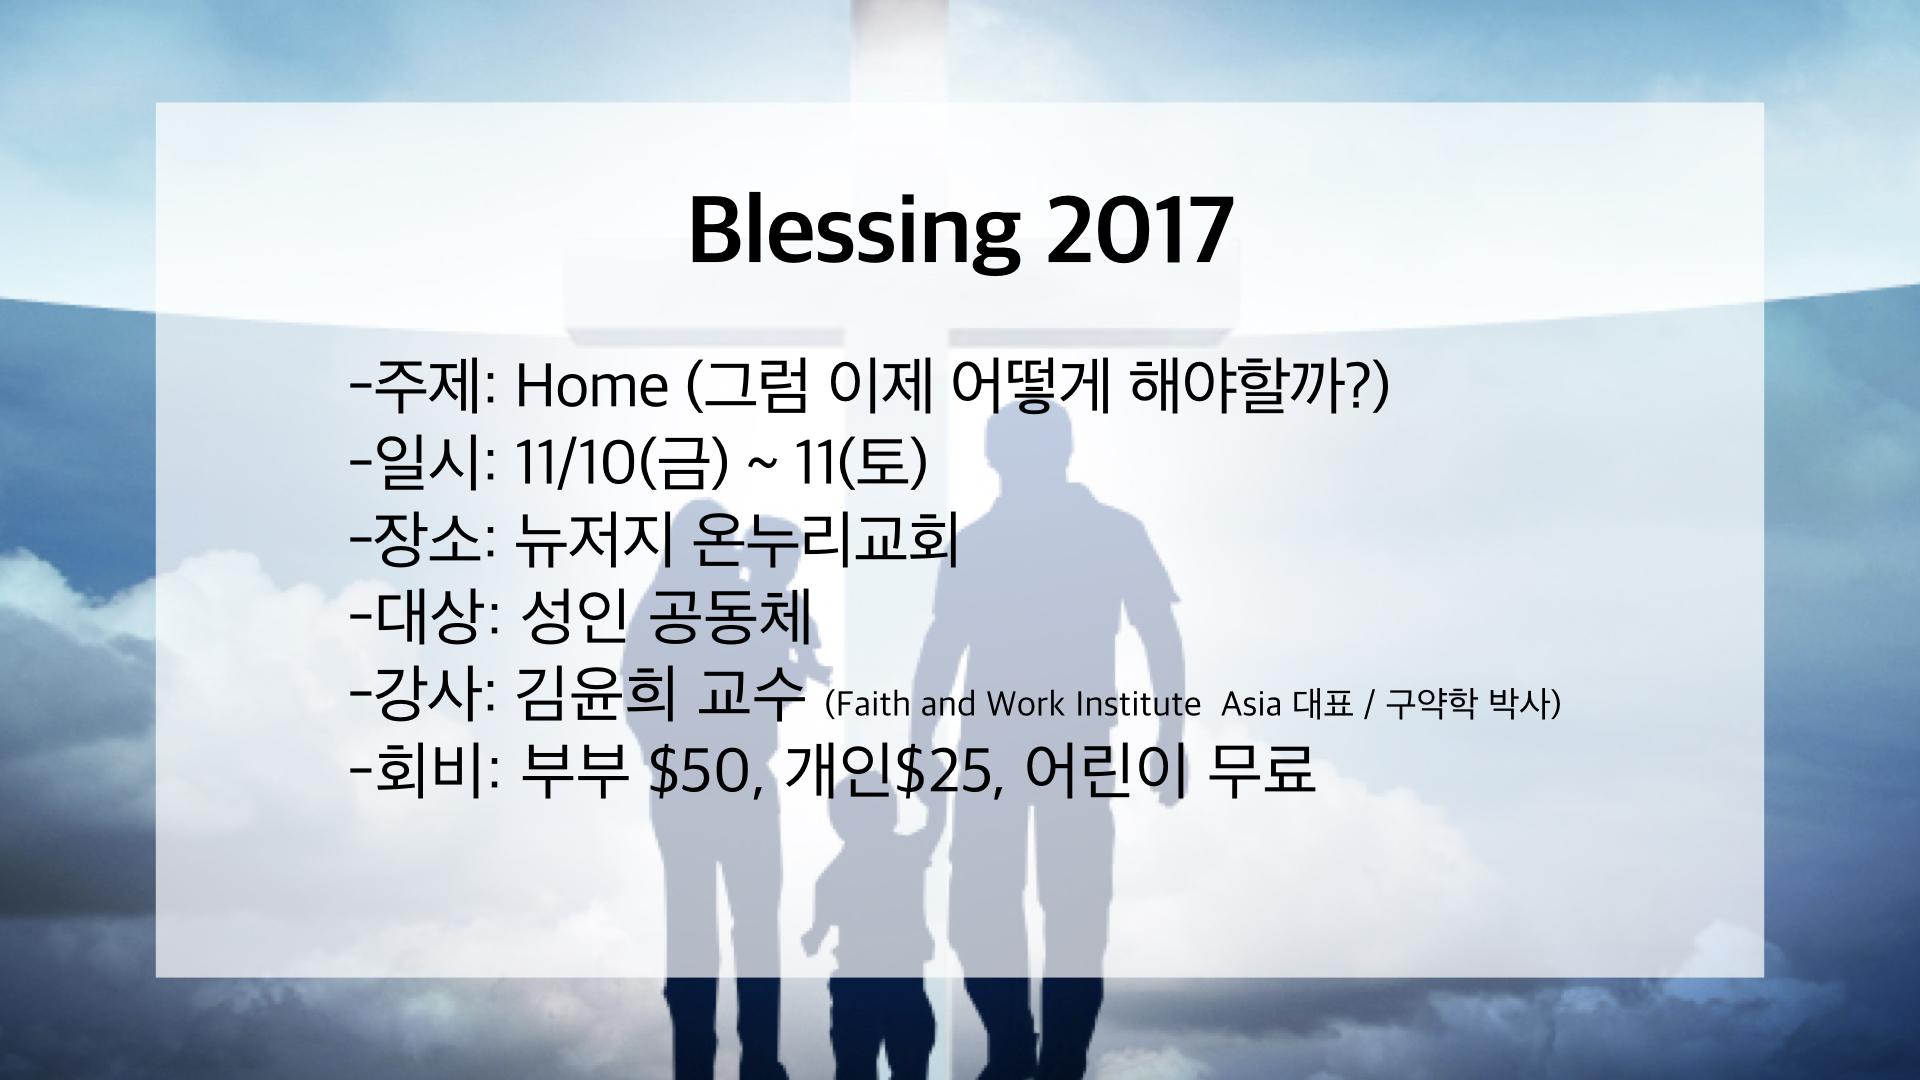 Blessing 2017